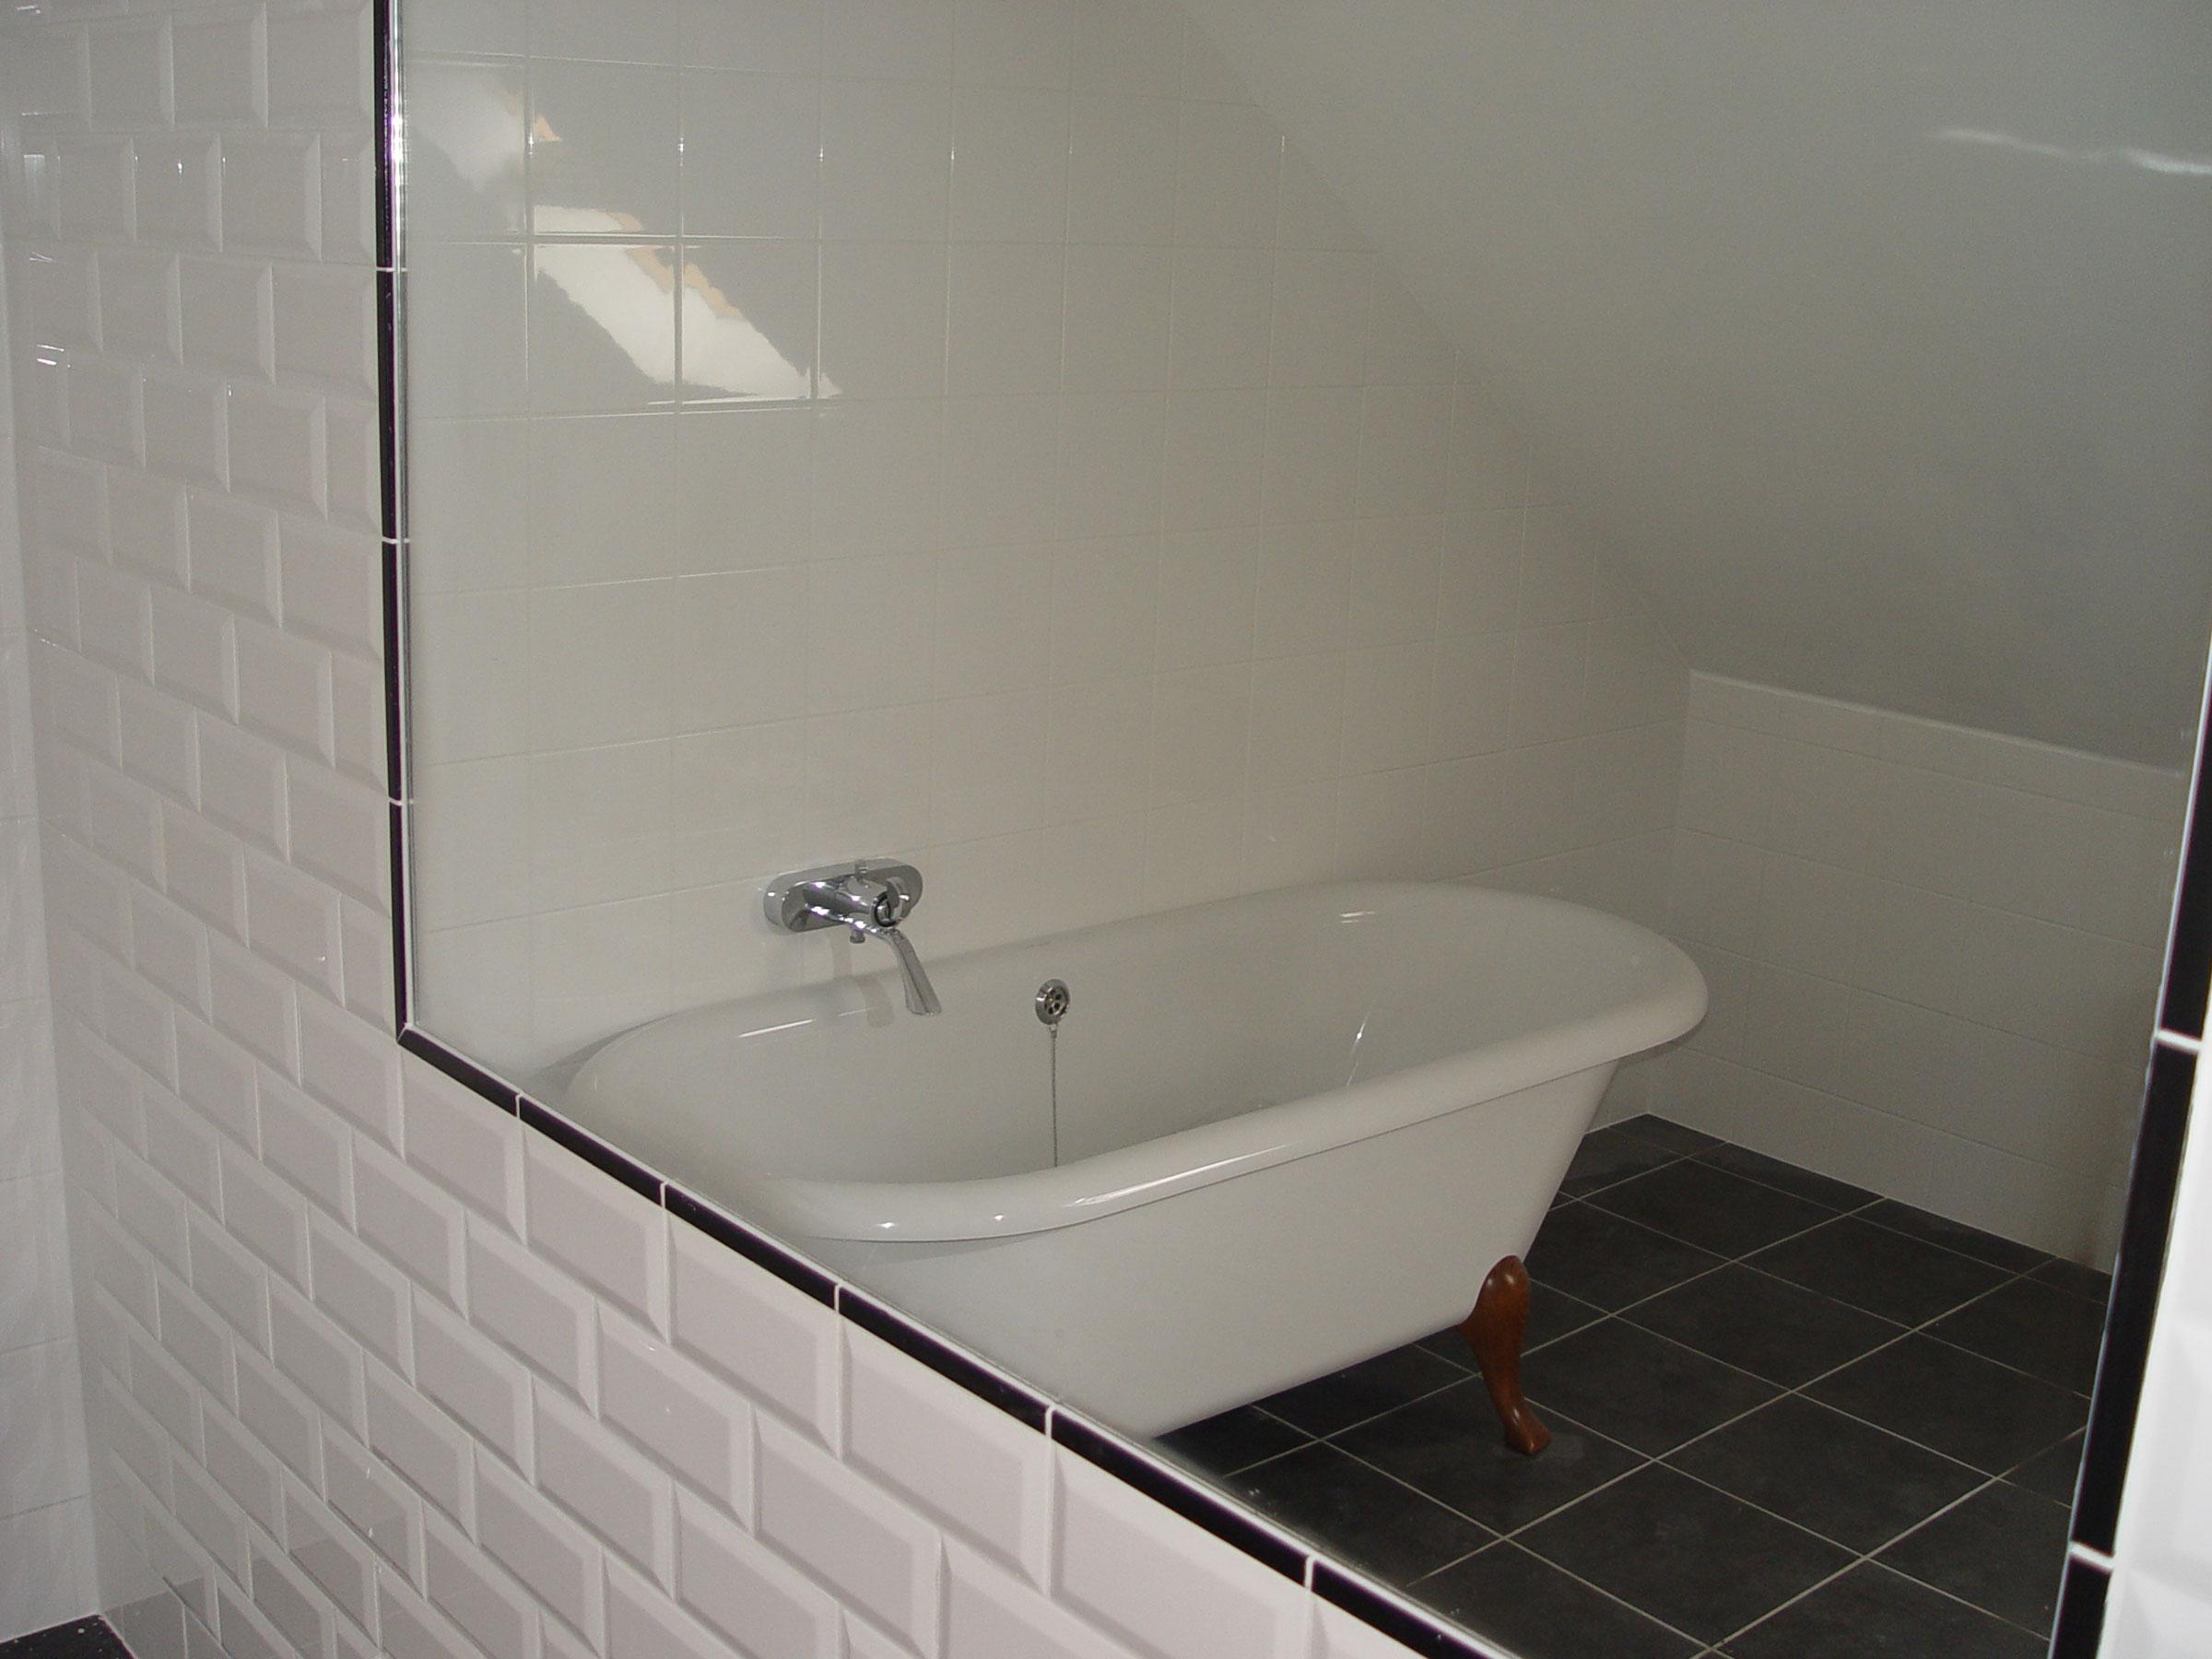 Salles de bains for Porcelanosa miroir salle de bain